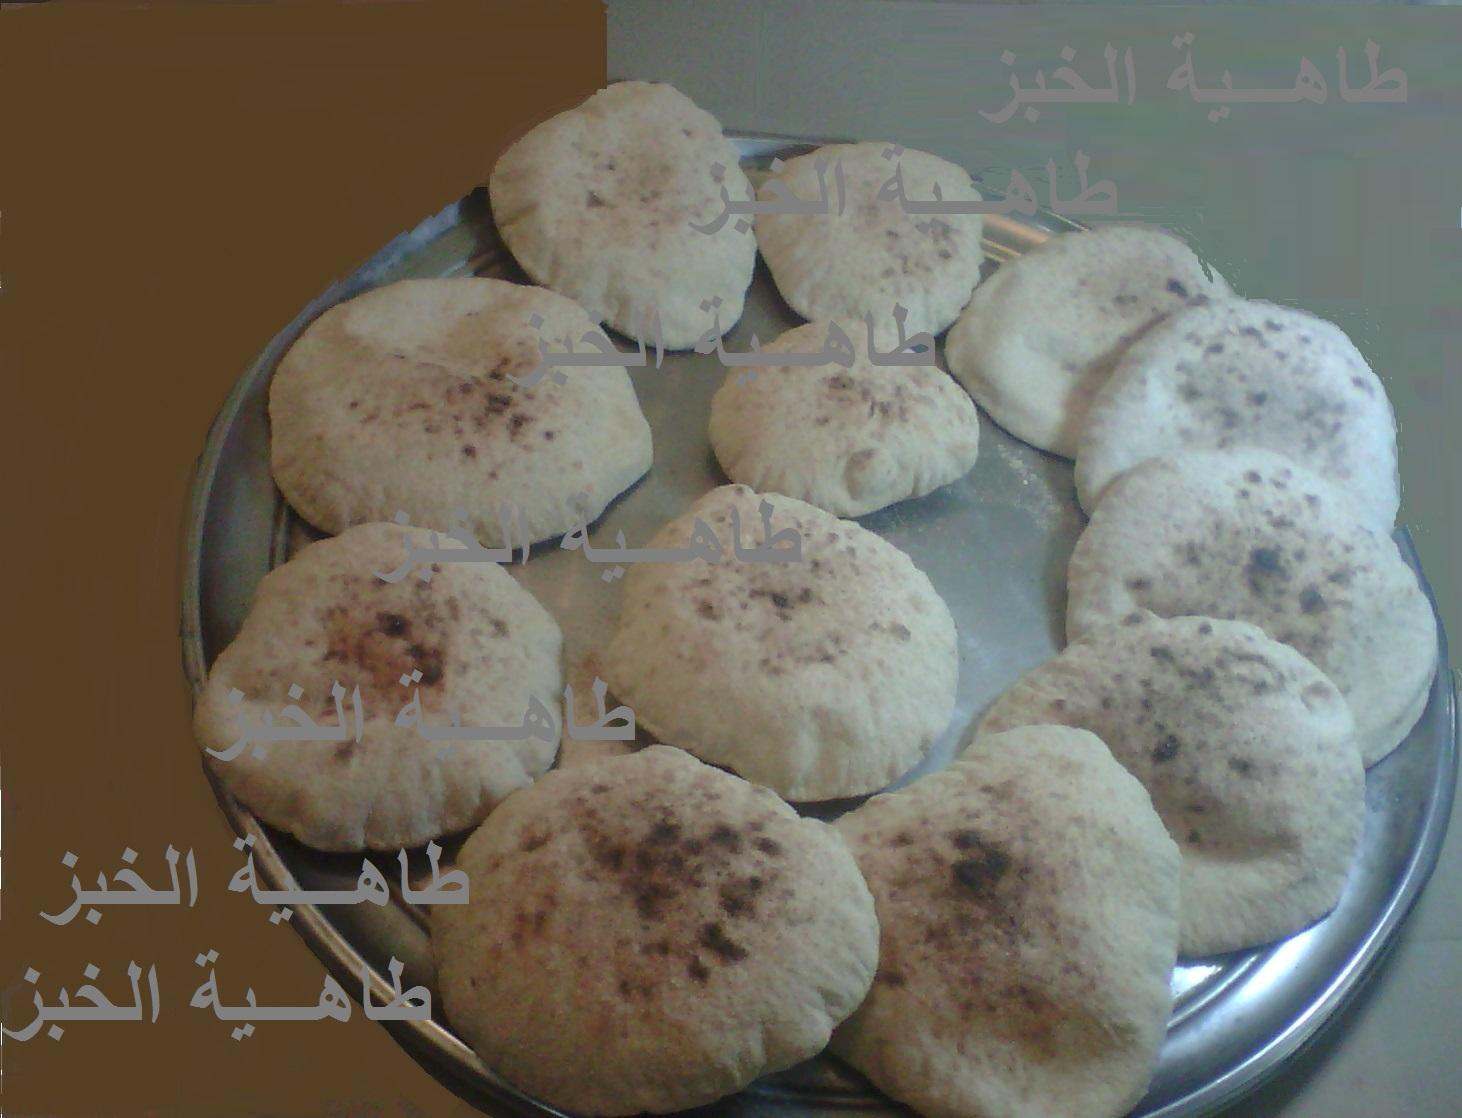 طريقة عمل الخبز المصرى 388504.jpg